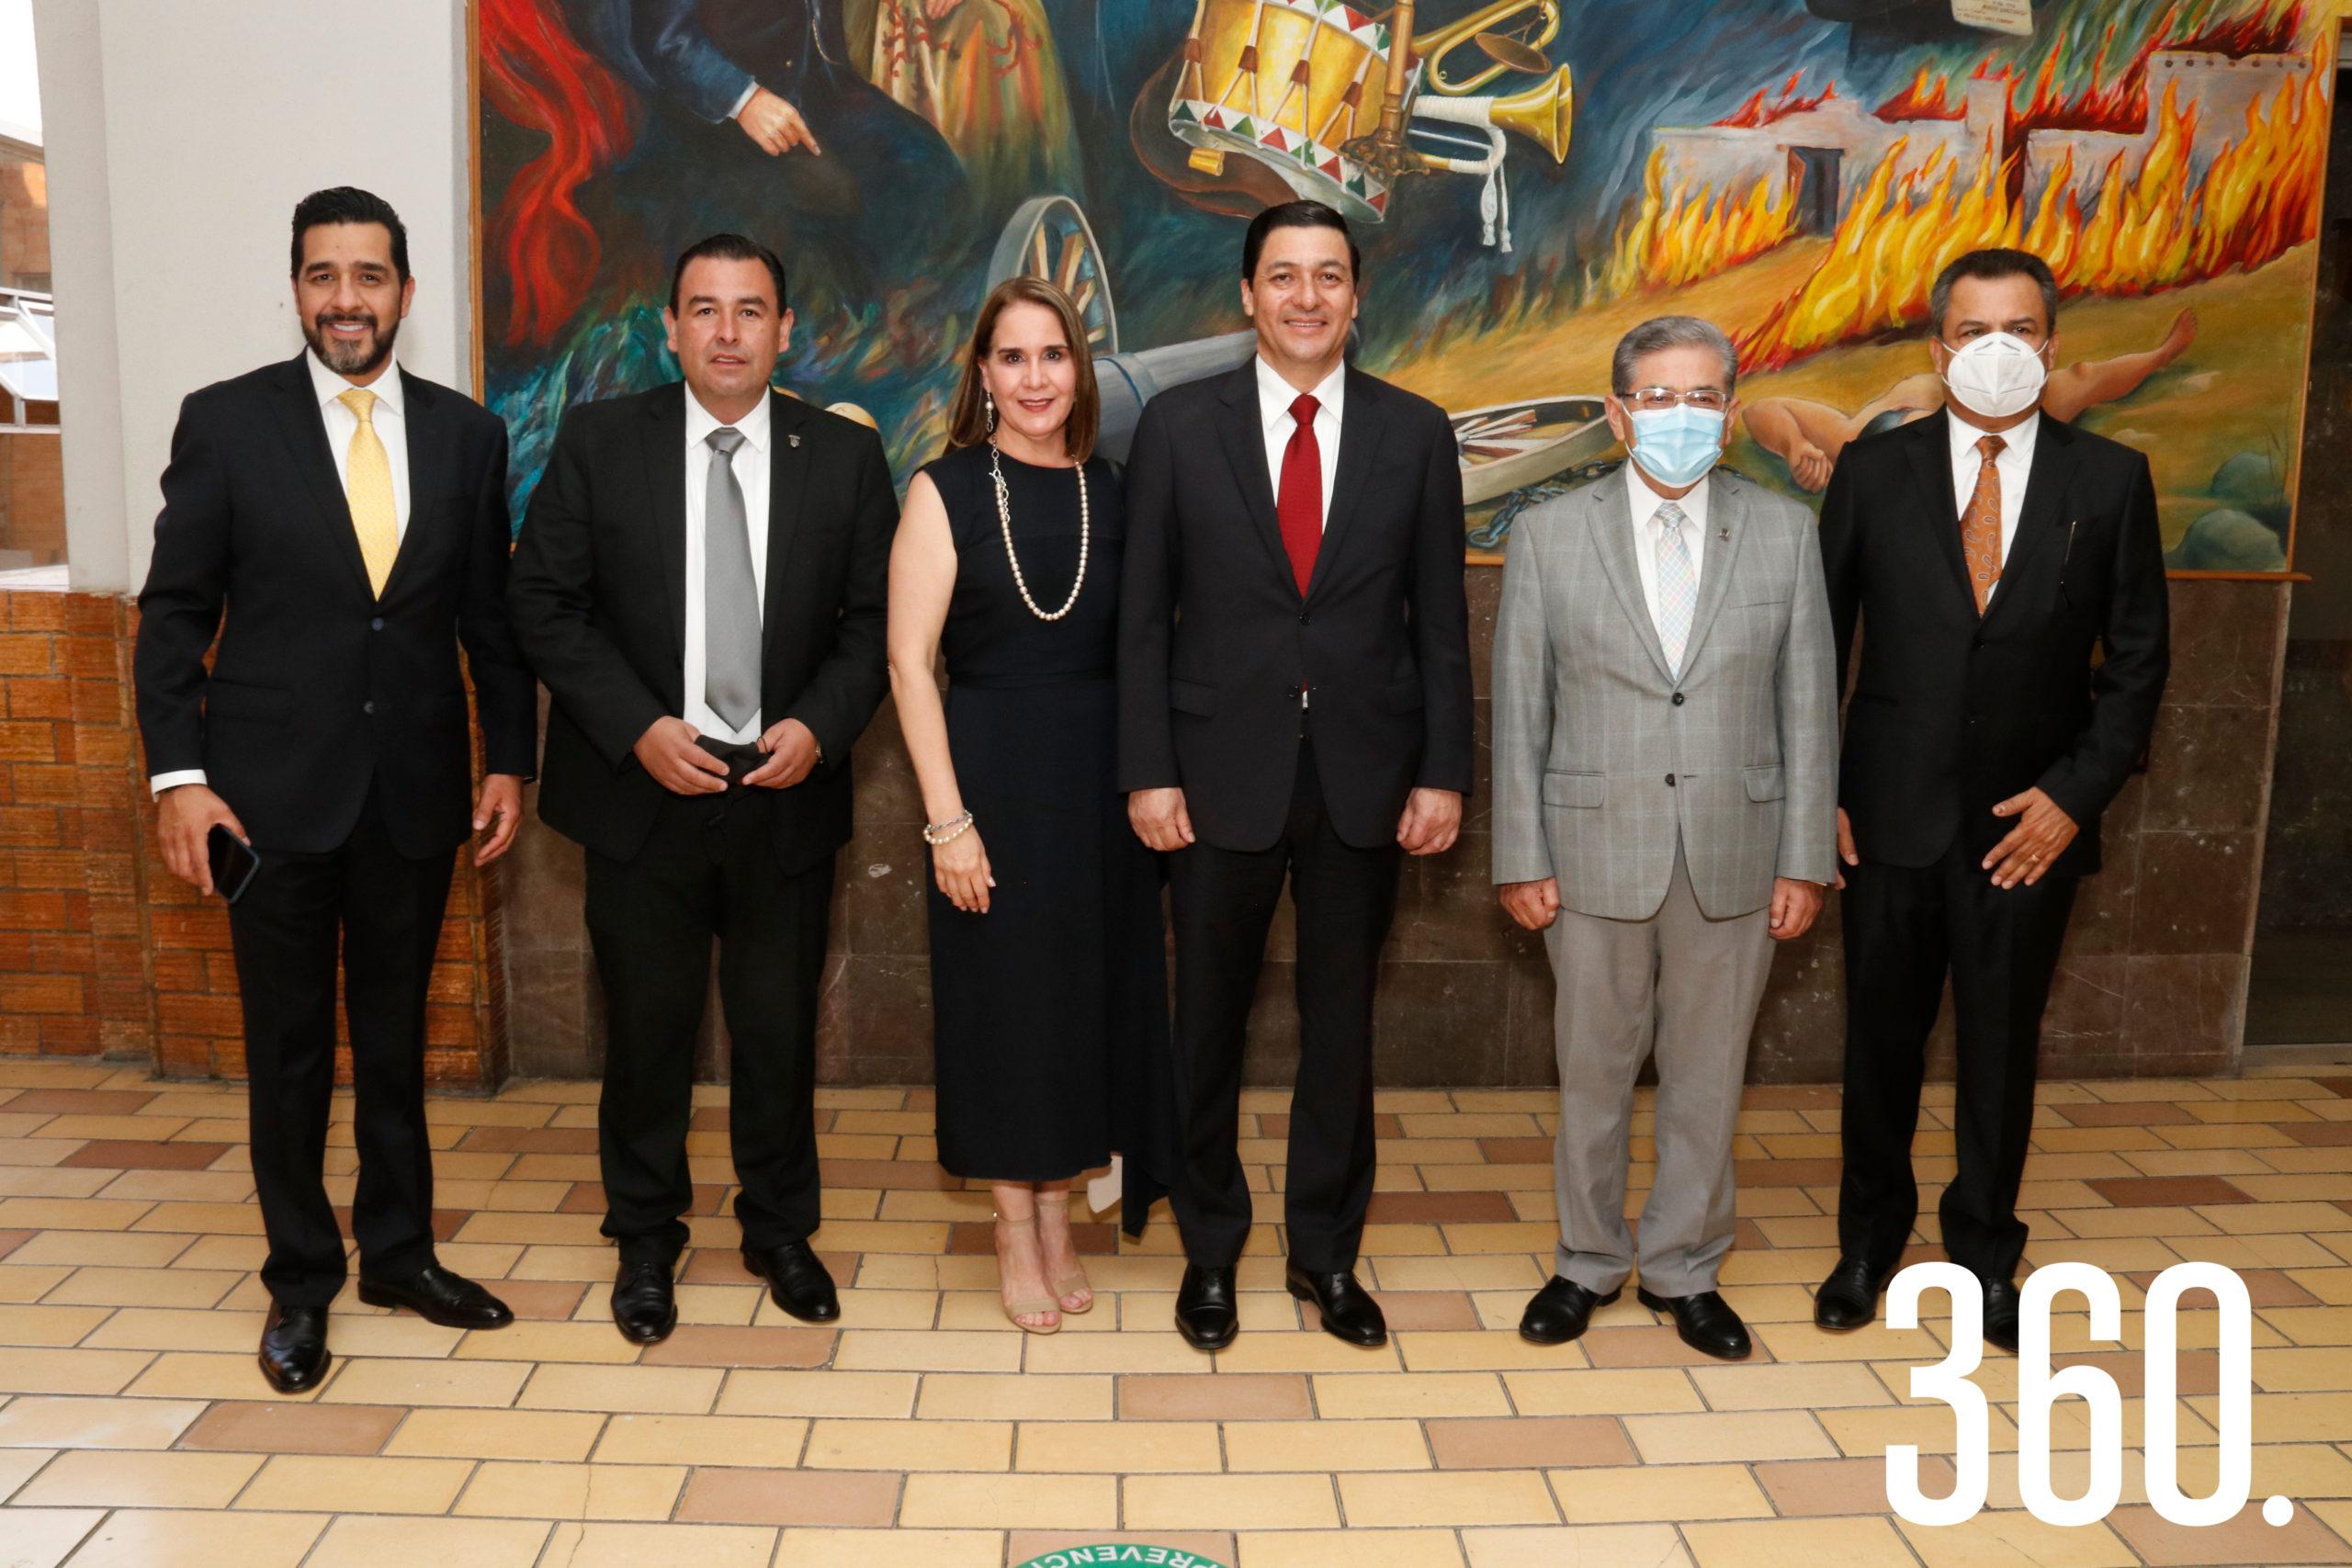 Iván Garza, Alfonso Yáñez, Alma Leticia Gómez, Jorge Luis Chávez Martínez y Salvador Hernández Vélez.